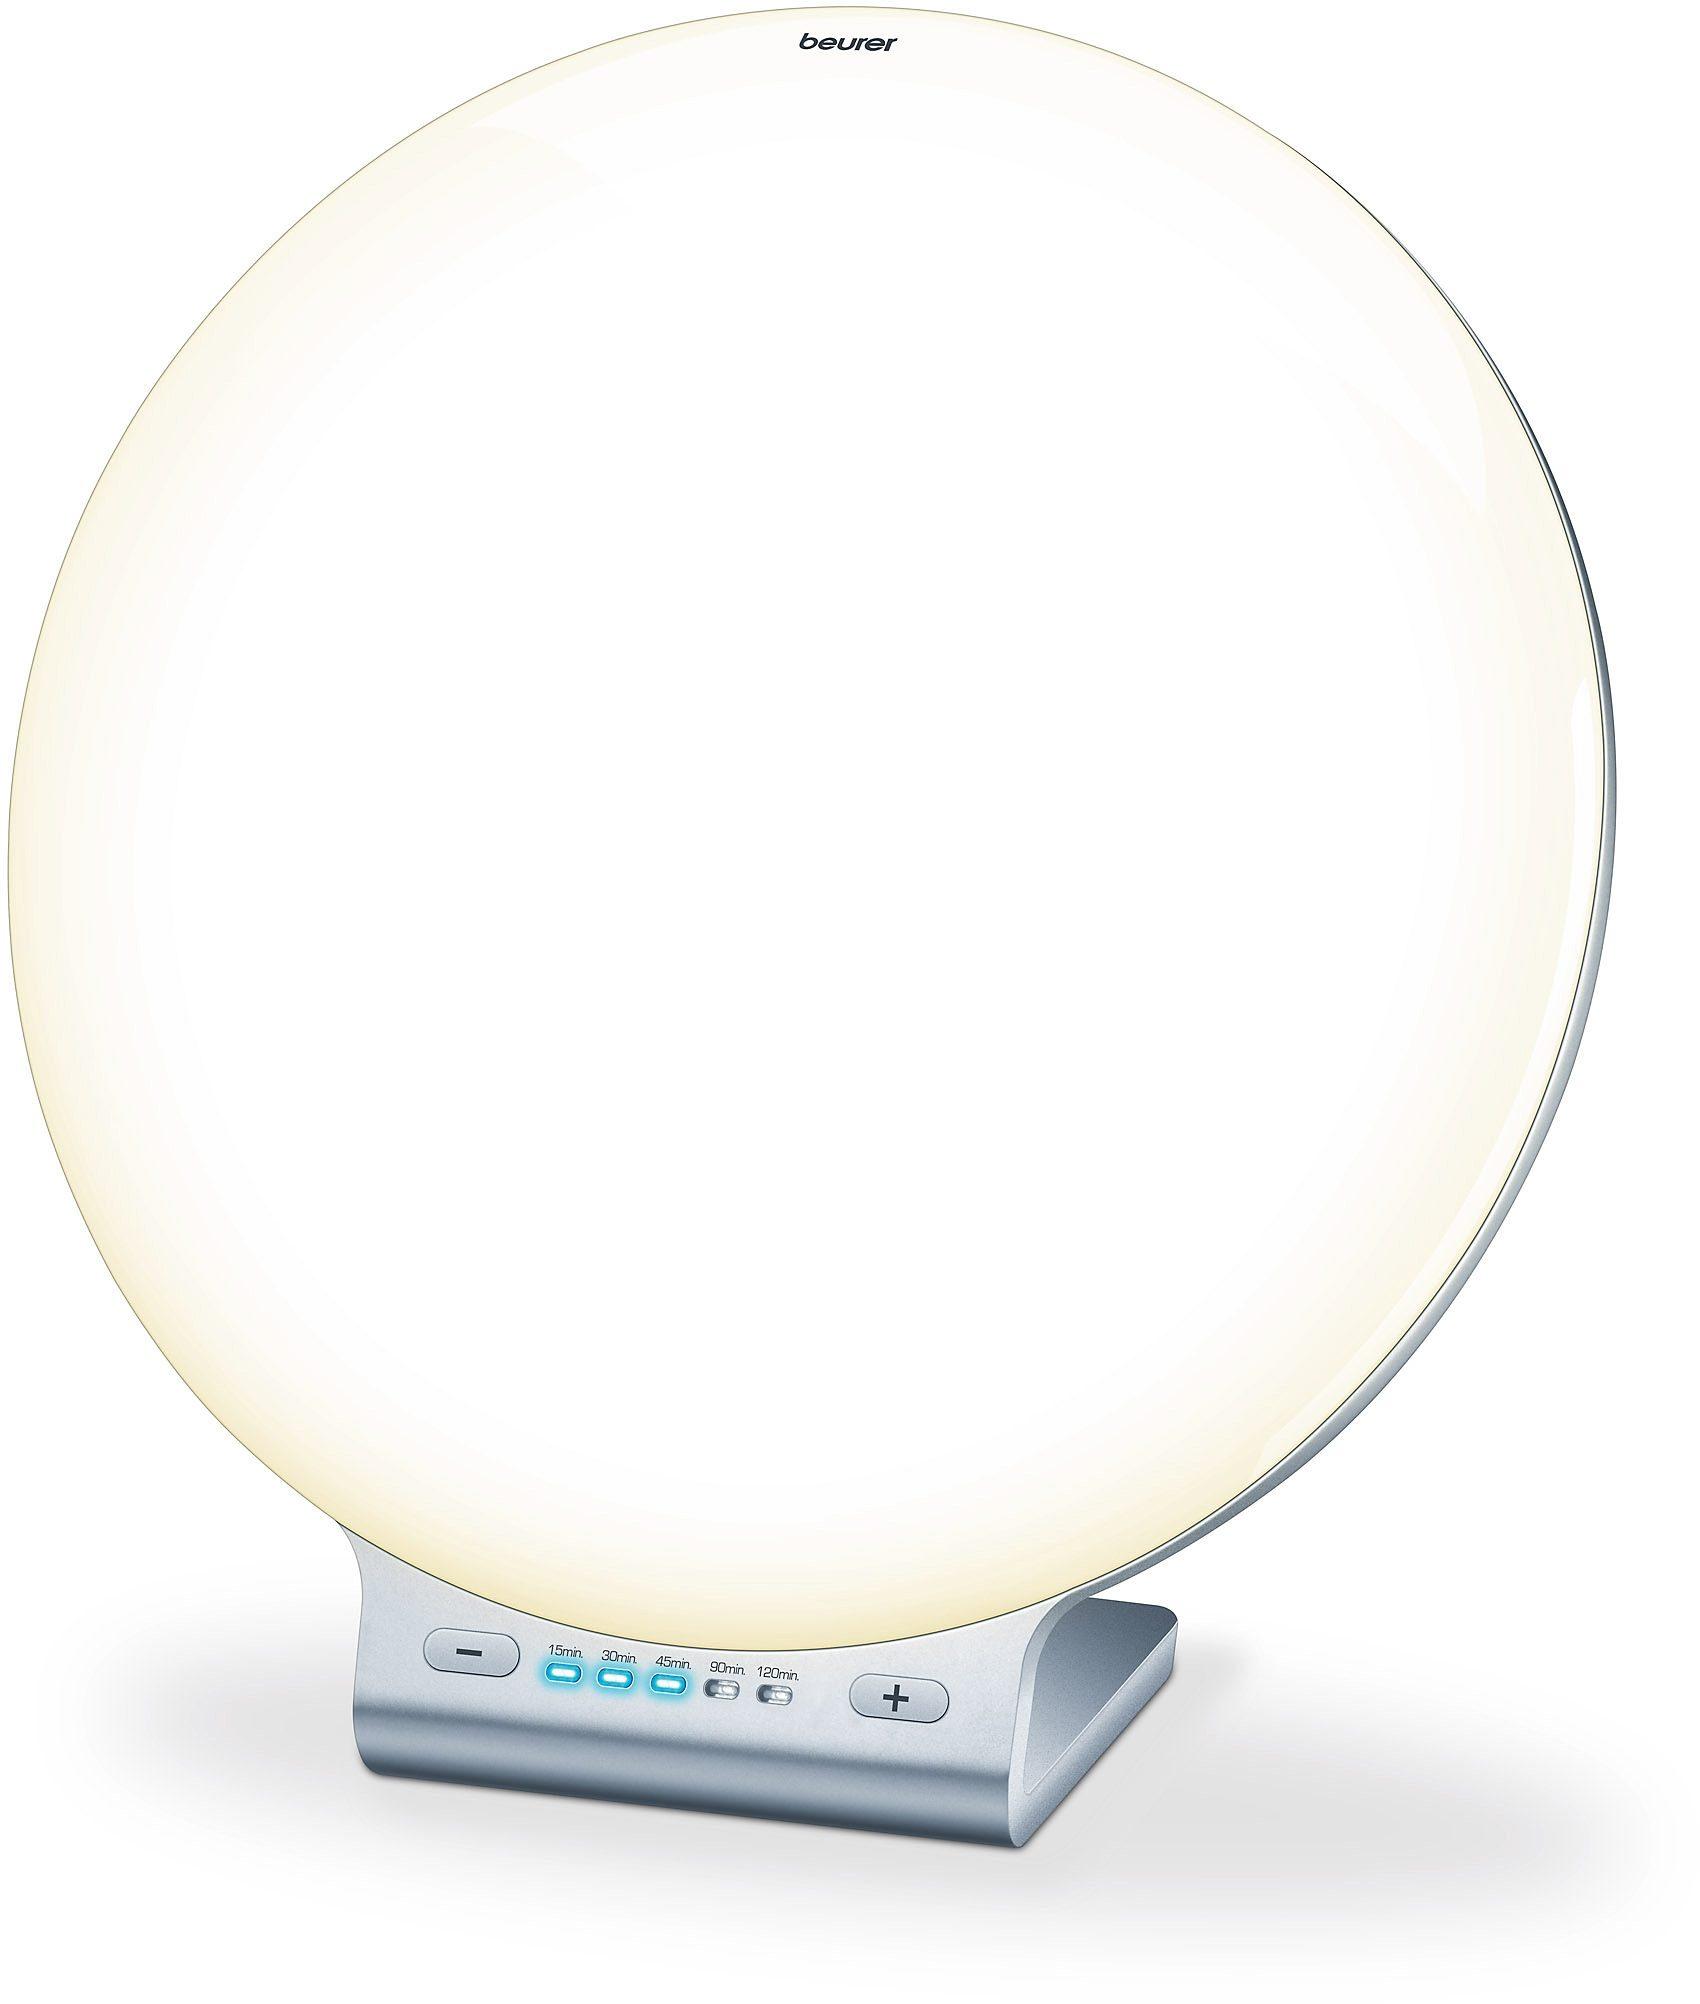 Beurer, Tageslichtlampe TL 70